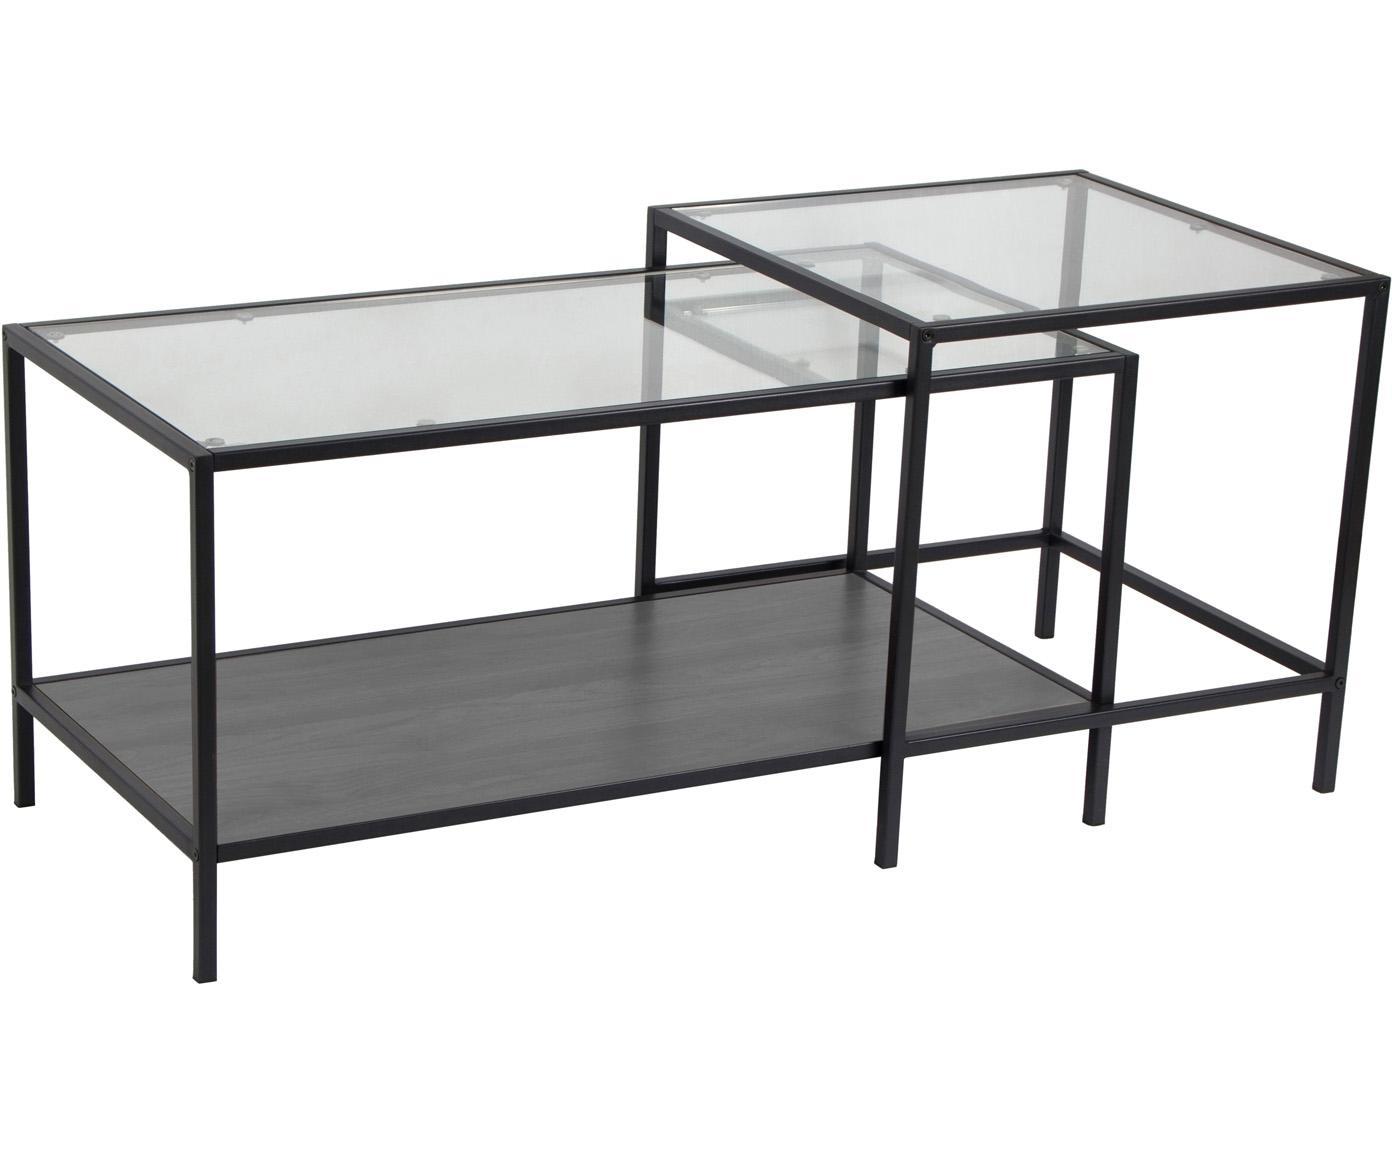 Set 2 tavolini da salotto Seaford, Struttura: metallo, Nero trasparente, Larg. 90 x Prof. 55 cm